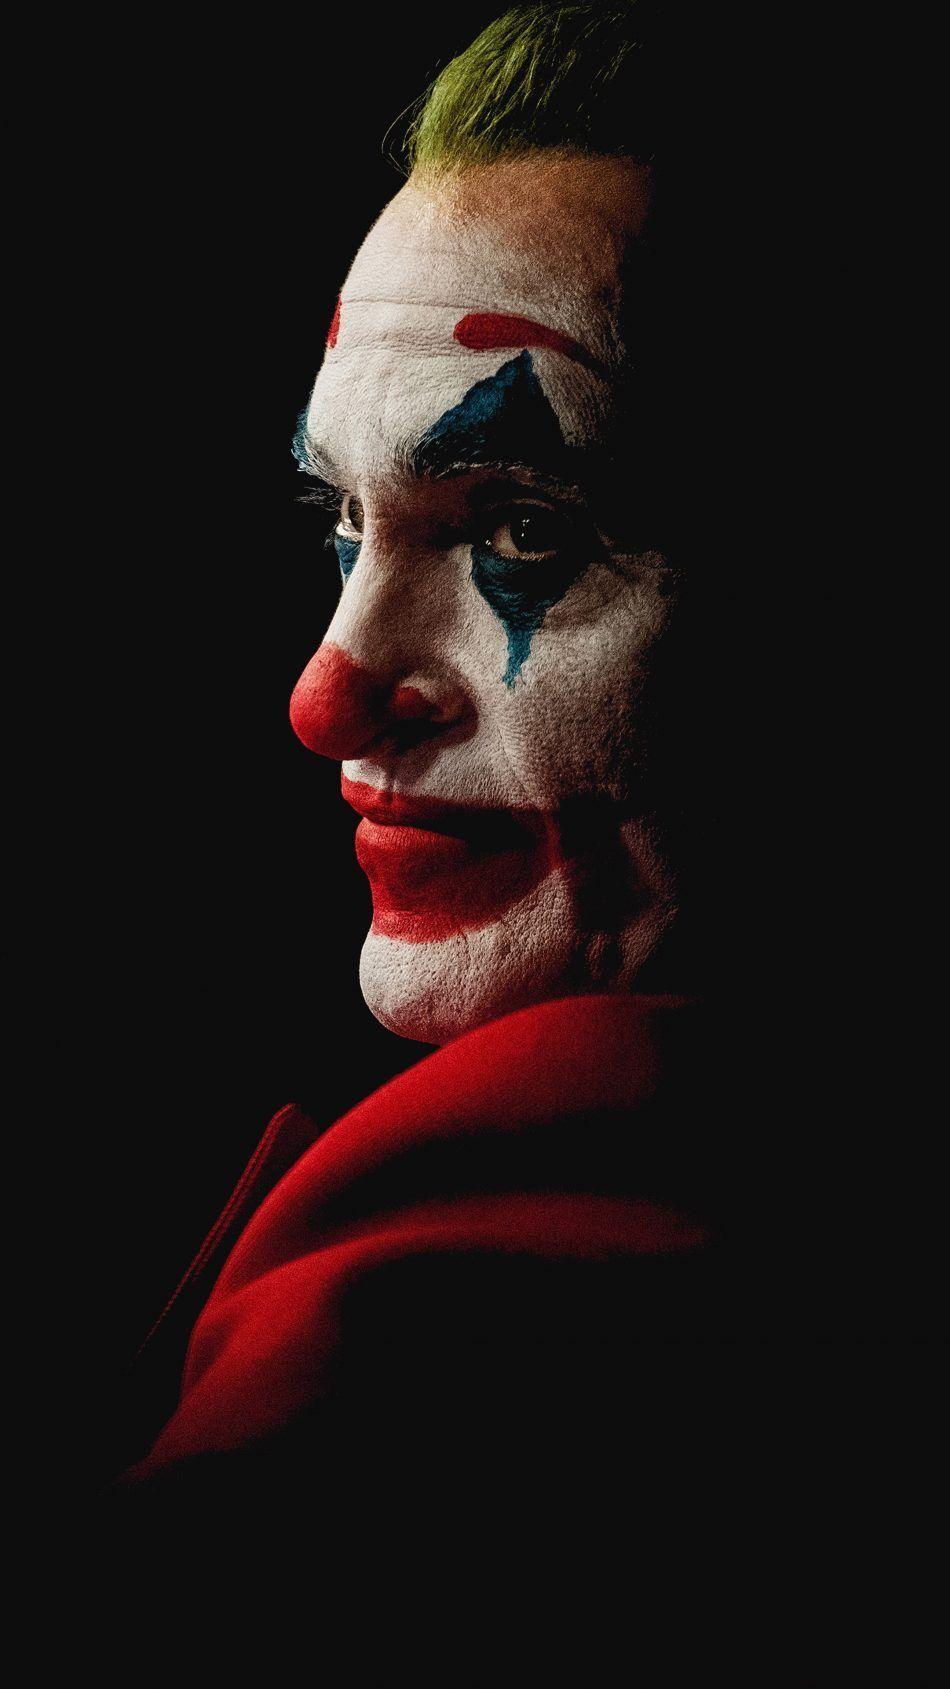 Joker Batman Thejoker Joaquinphoenix Joaquin Jokerquotes Jokermemes Jokermemes Joker Wallpapers Joker Batman Macera Zamani Karakterler